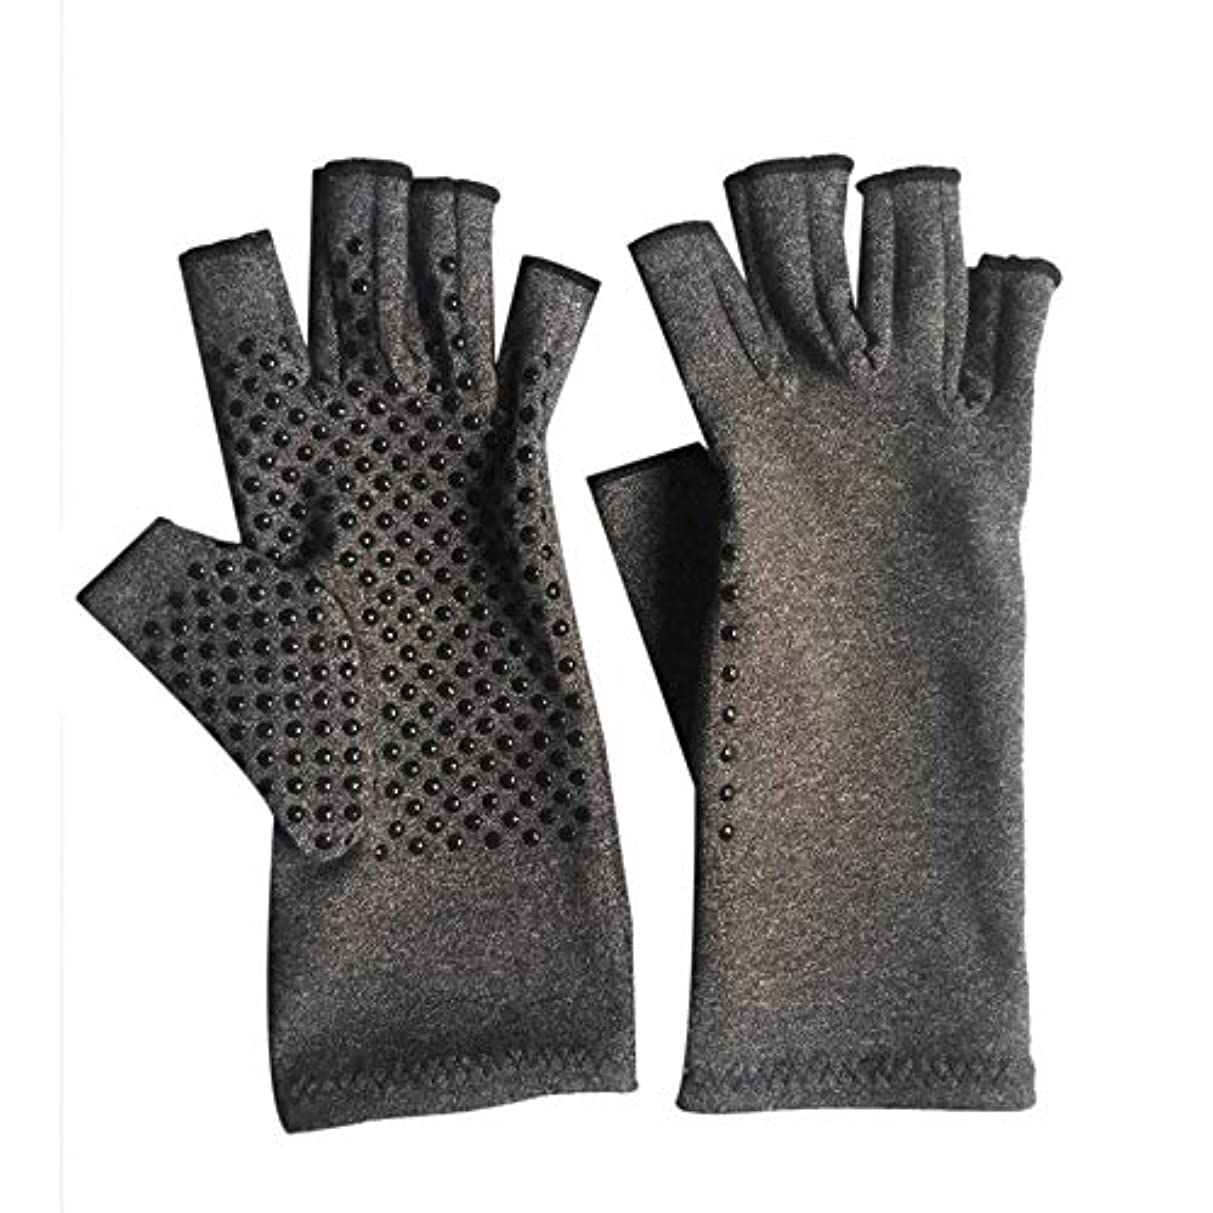 おしゃれじゃない痛いクラフト1ペアユニセックス男性女性療法圧縮手袋関節炎関節痛緩和ヘルスケア半指手袋トレーニング手袋 - グレーM